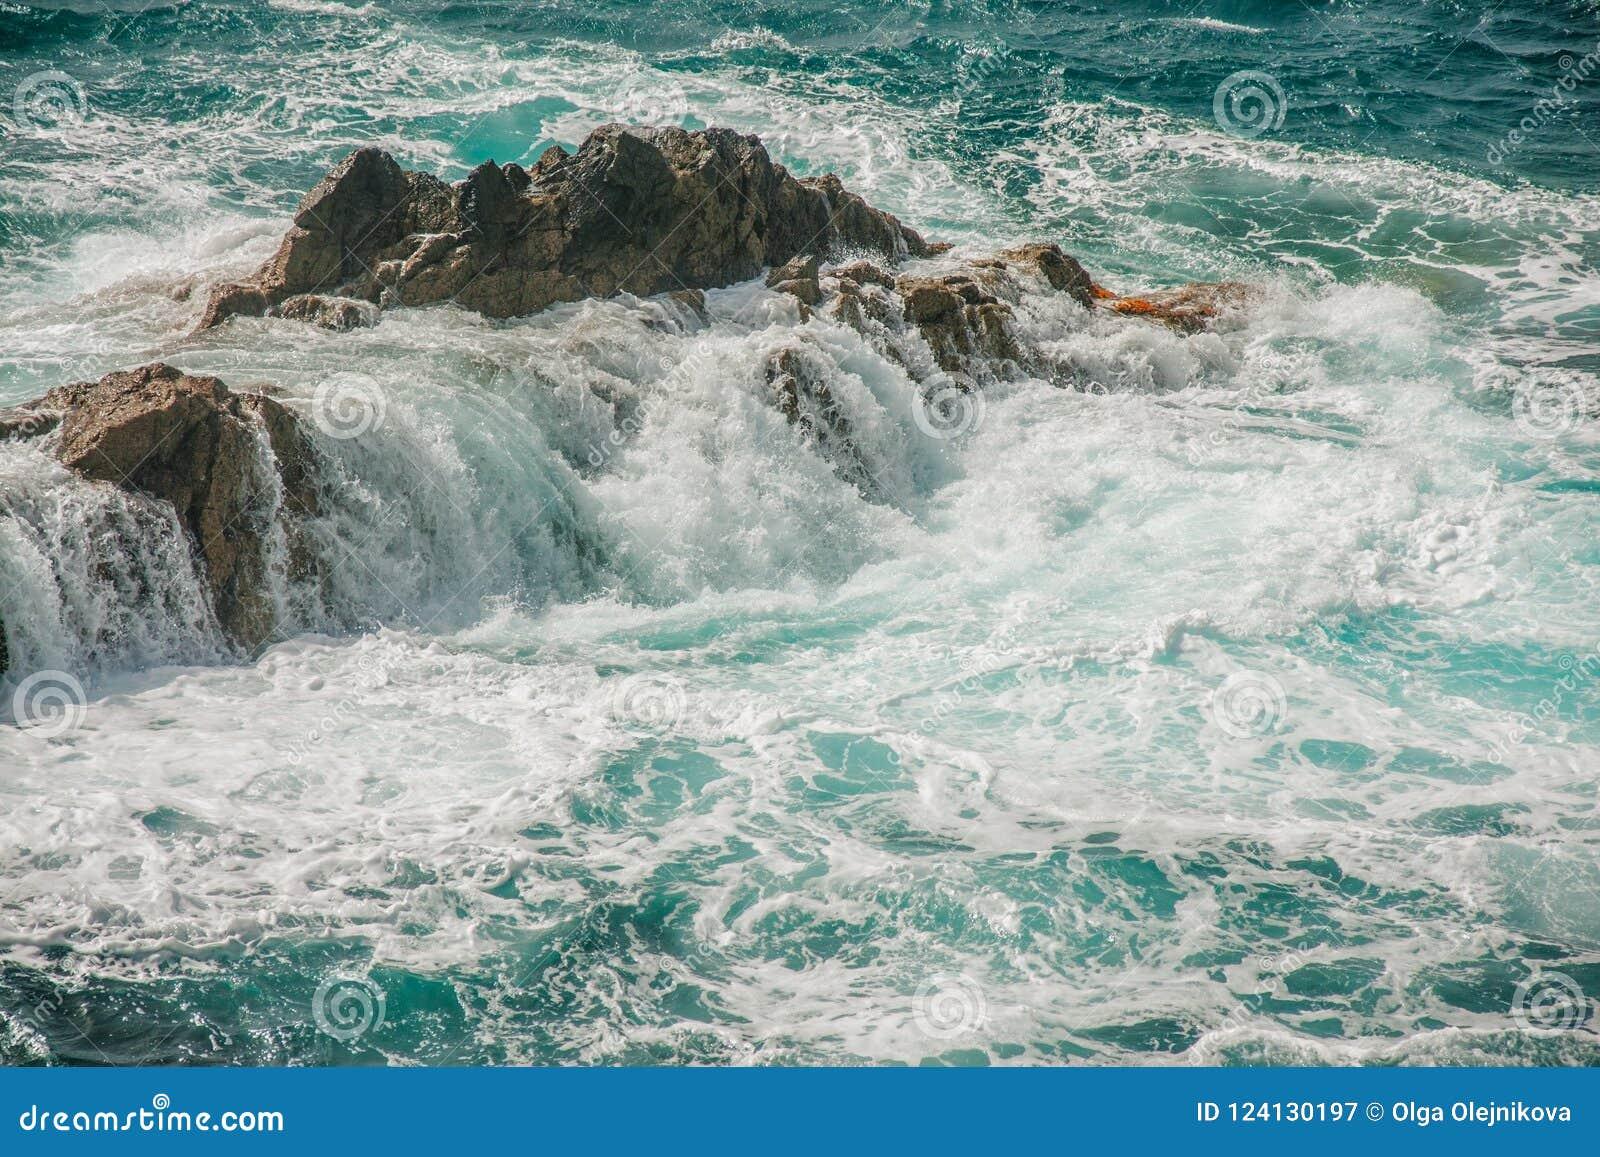 Ocean rock and wild waves